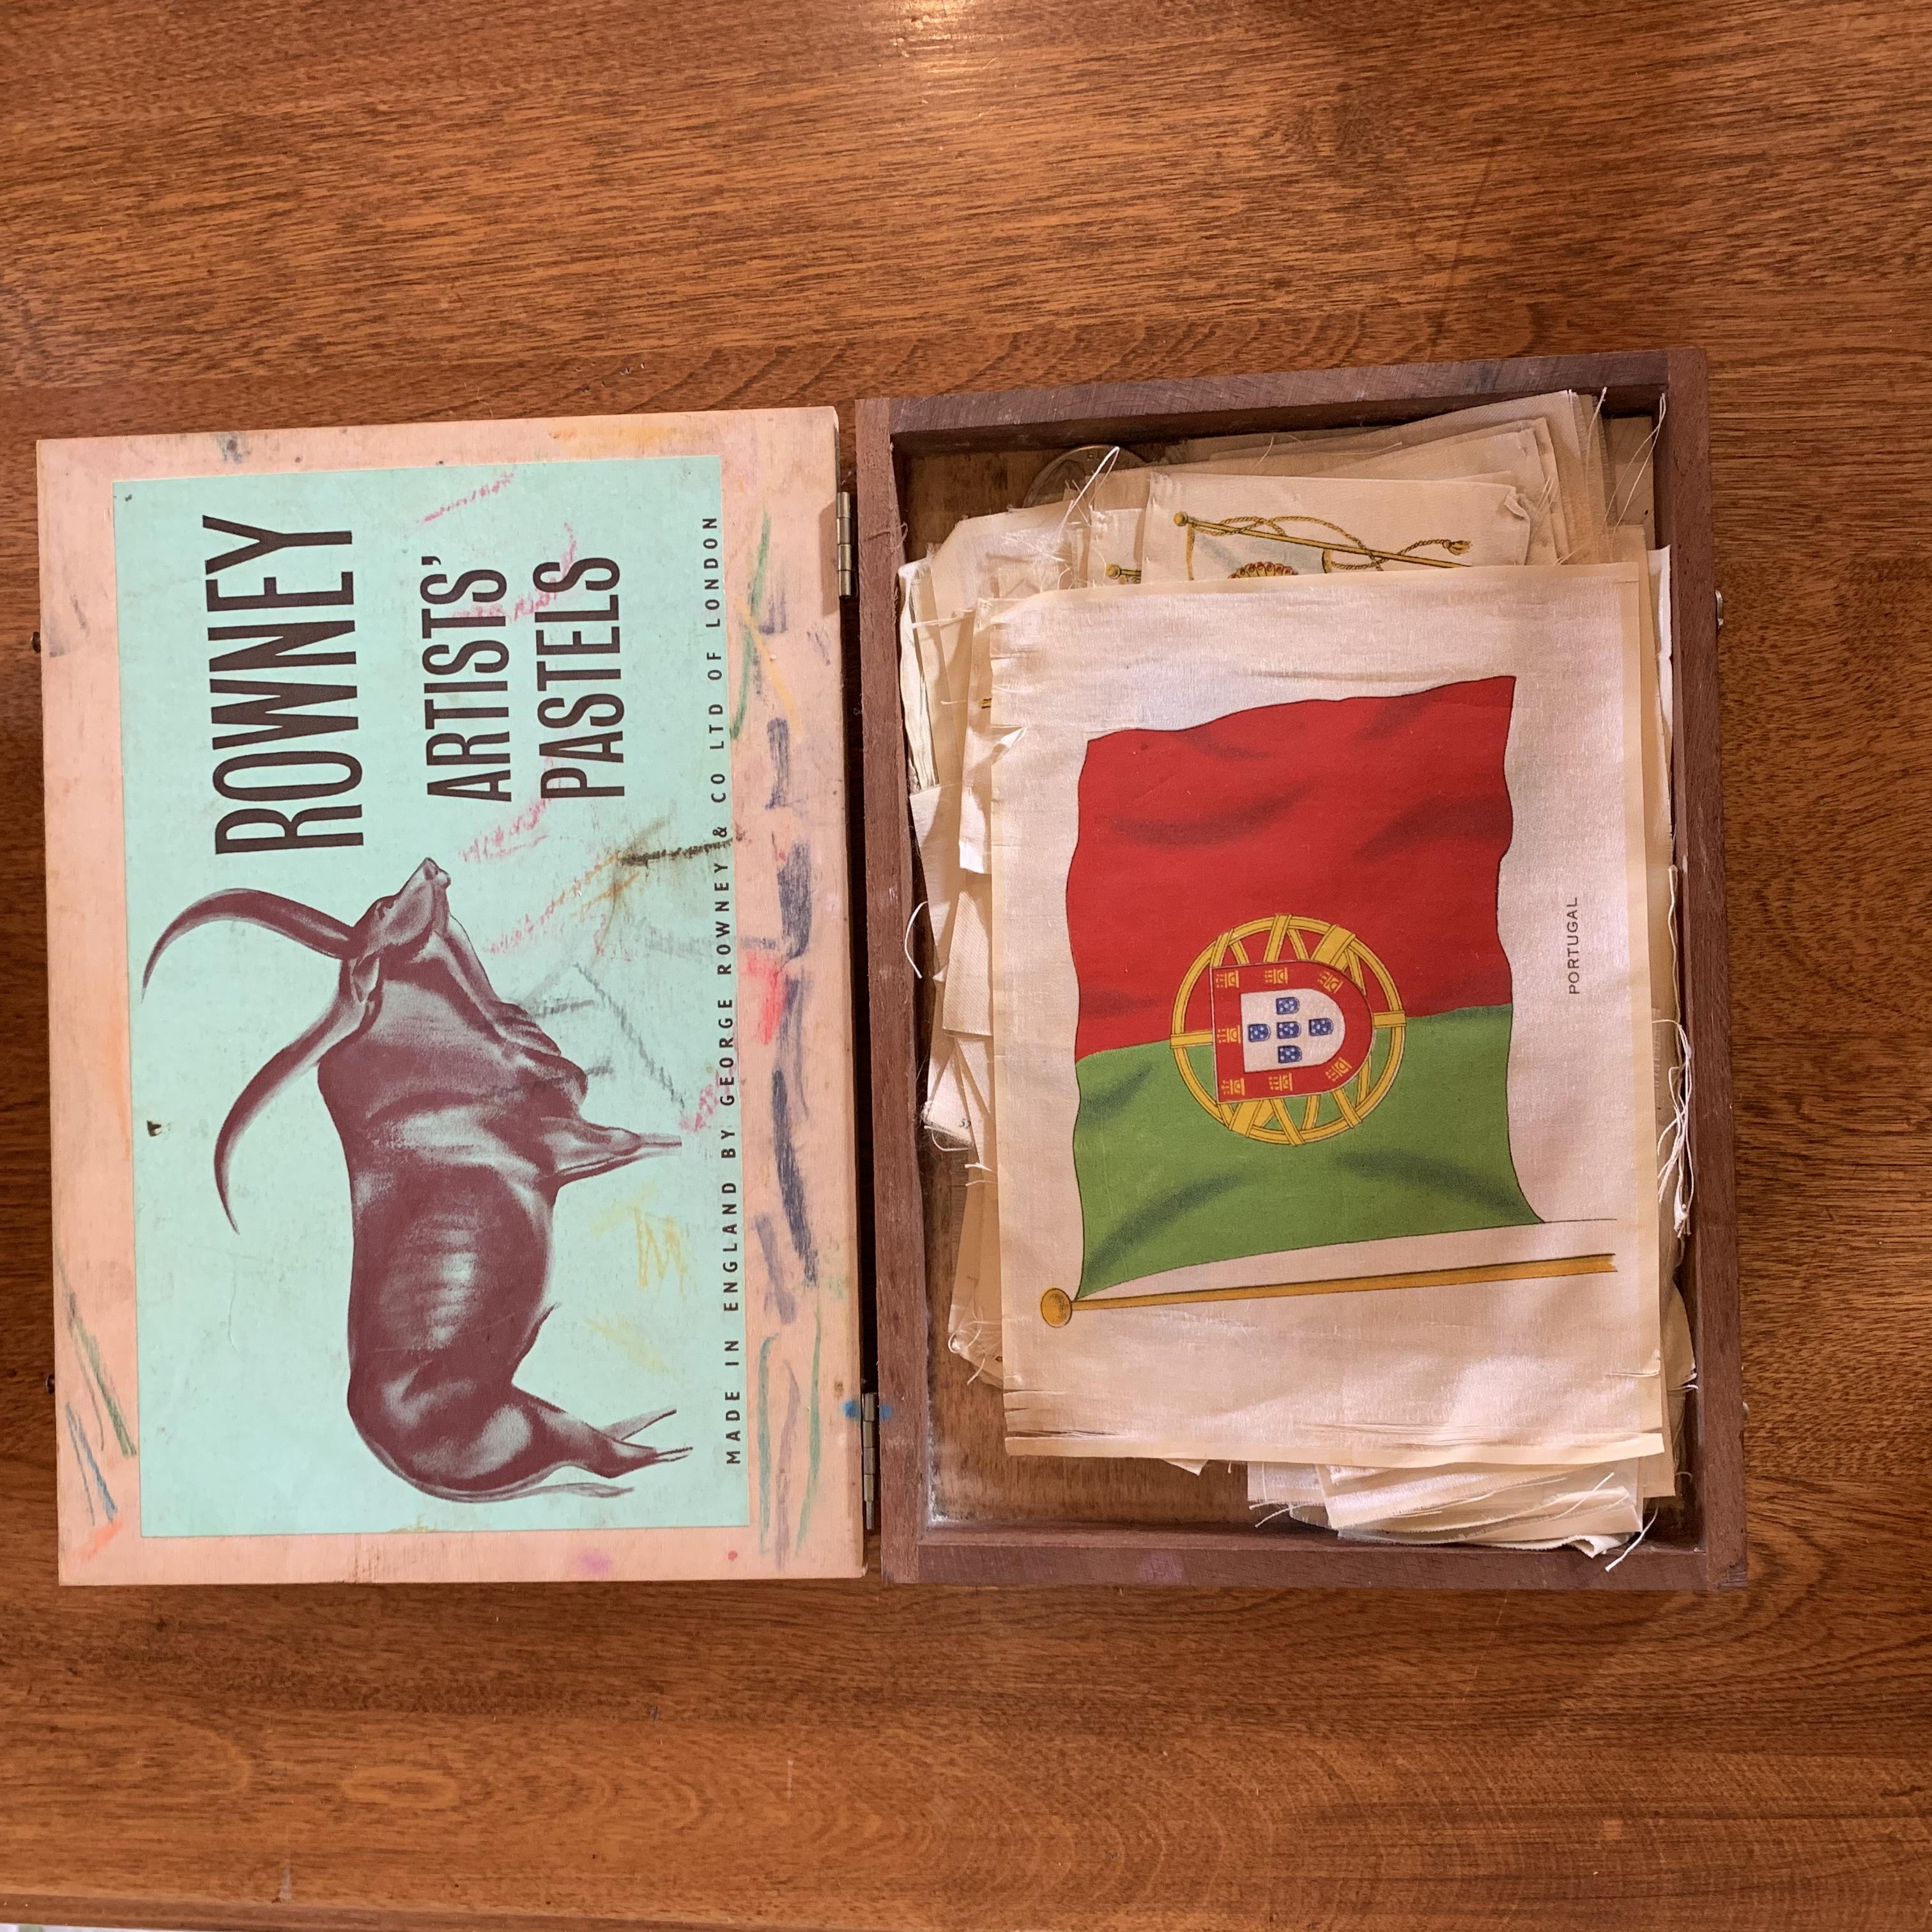 Vintage Cig Flags Box